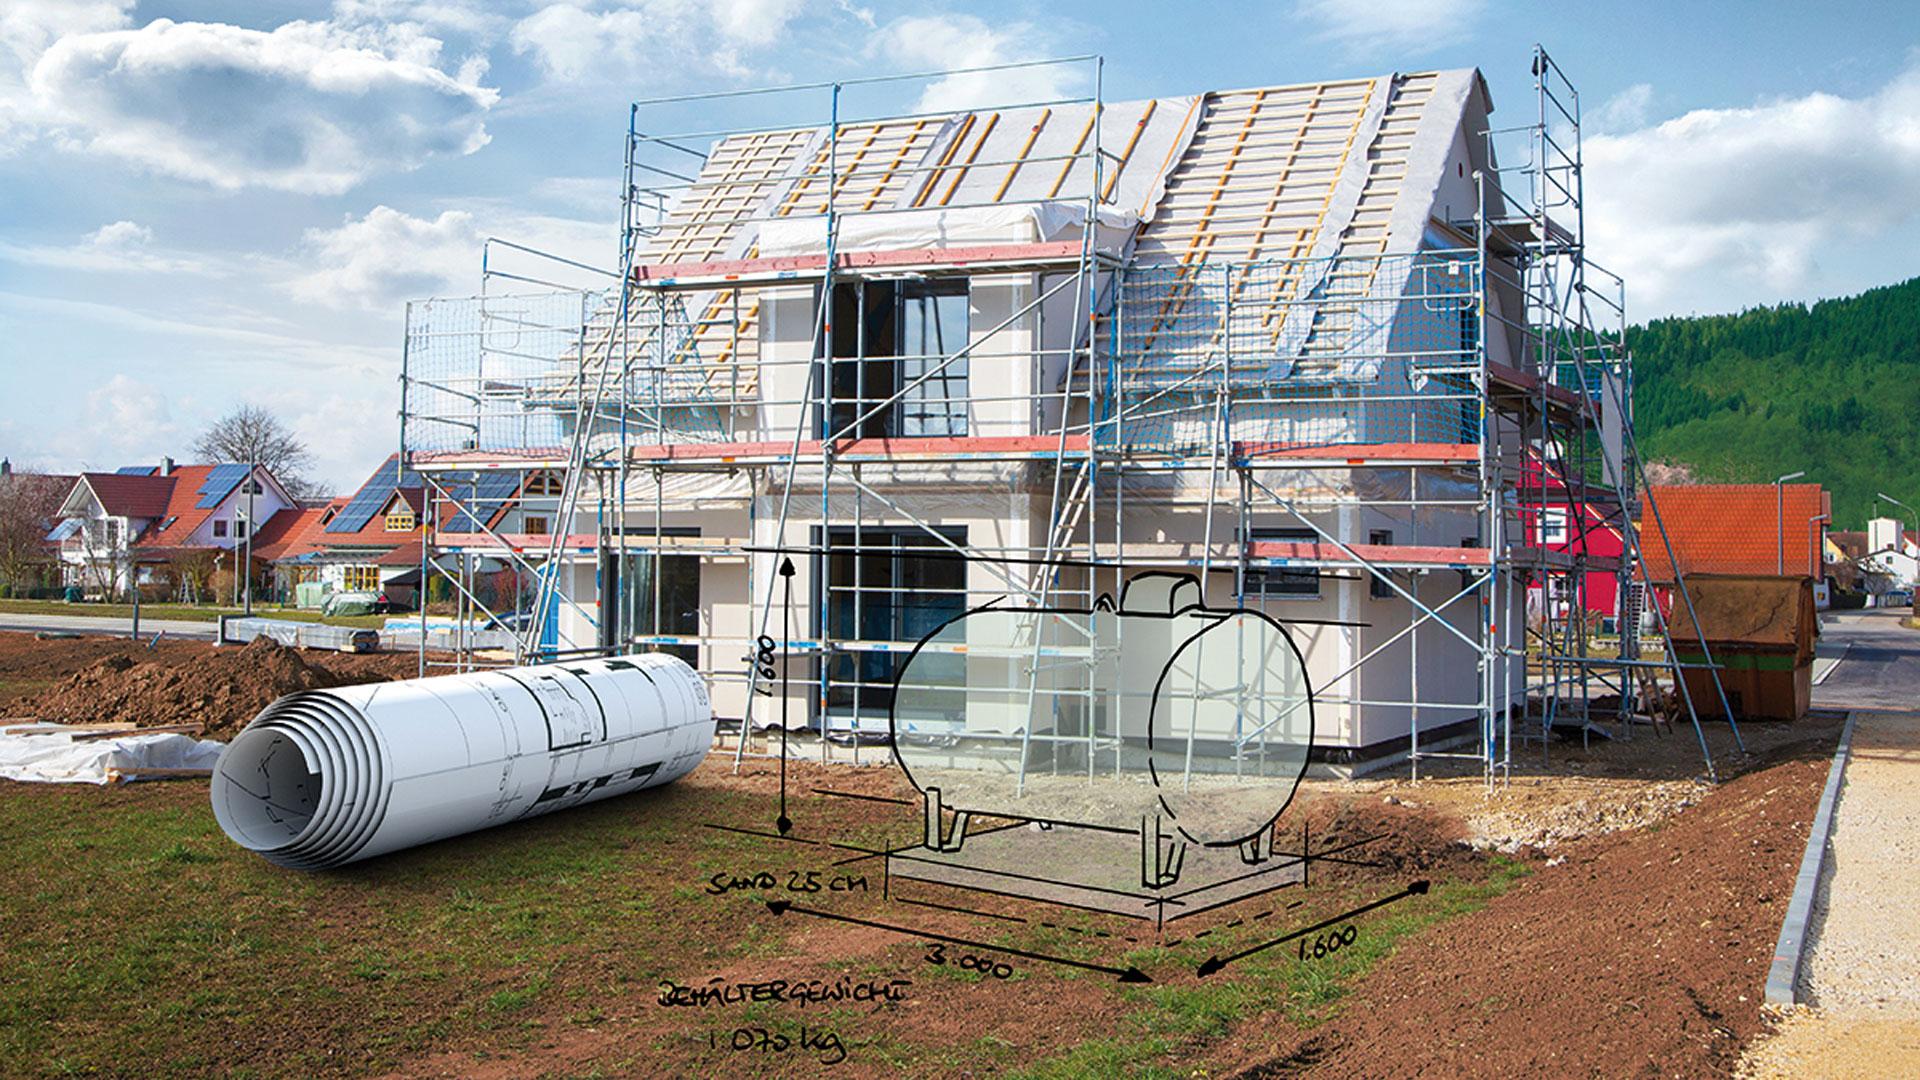 Planungsskizze eines Flüssiggasbehälters im Vorgarten eines Neubaus